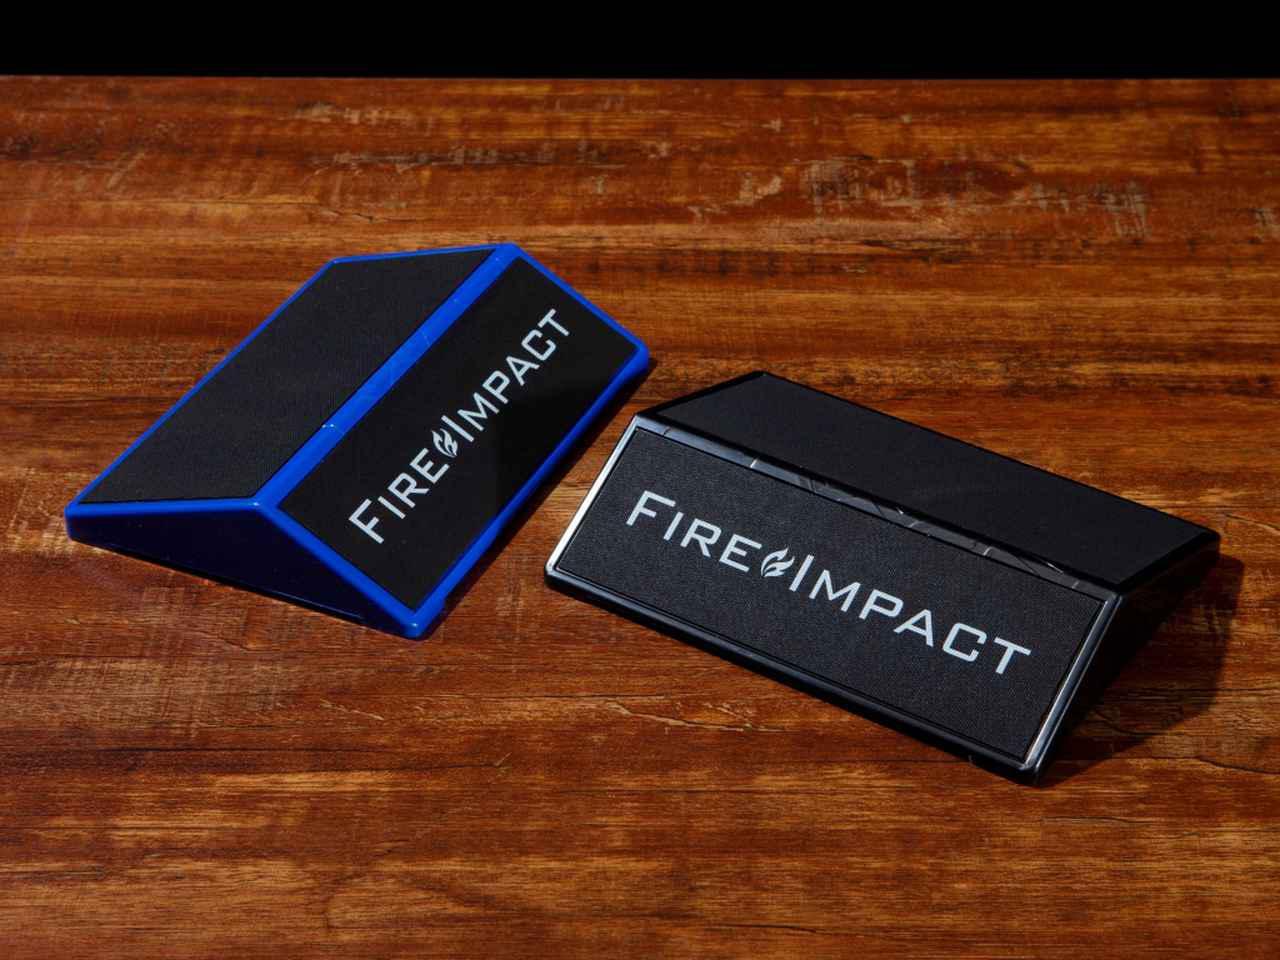 画像: 手軽に理想のスウィングを体感できる「Fire Impact」。定番の練習器具だけに、効果は折り紙つき。